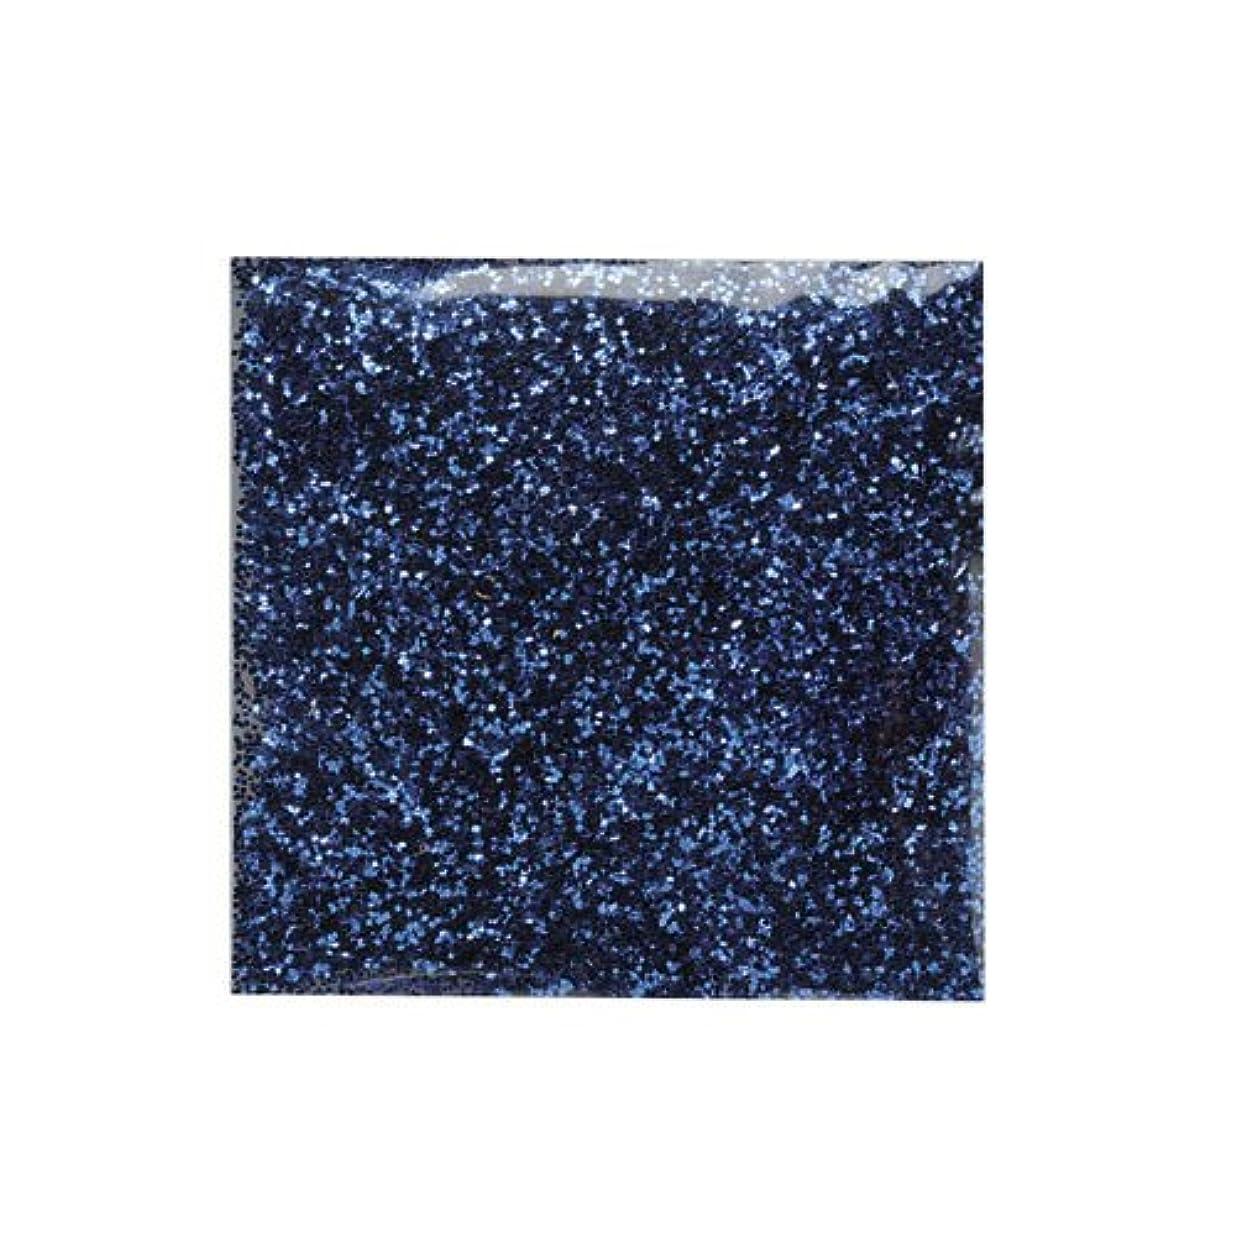 あいまいなローラー哀ピカエース ネイル用パウダー ピカエース ラメメタリック M #536 ブルー 2g アート材